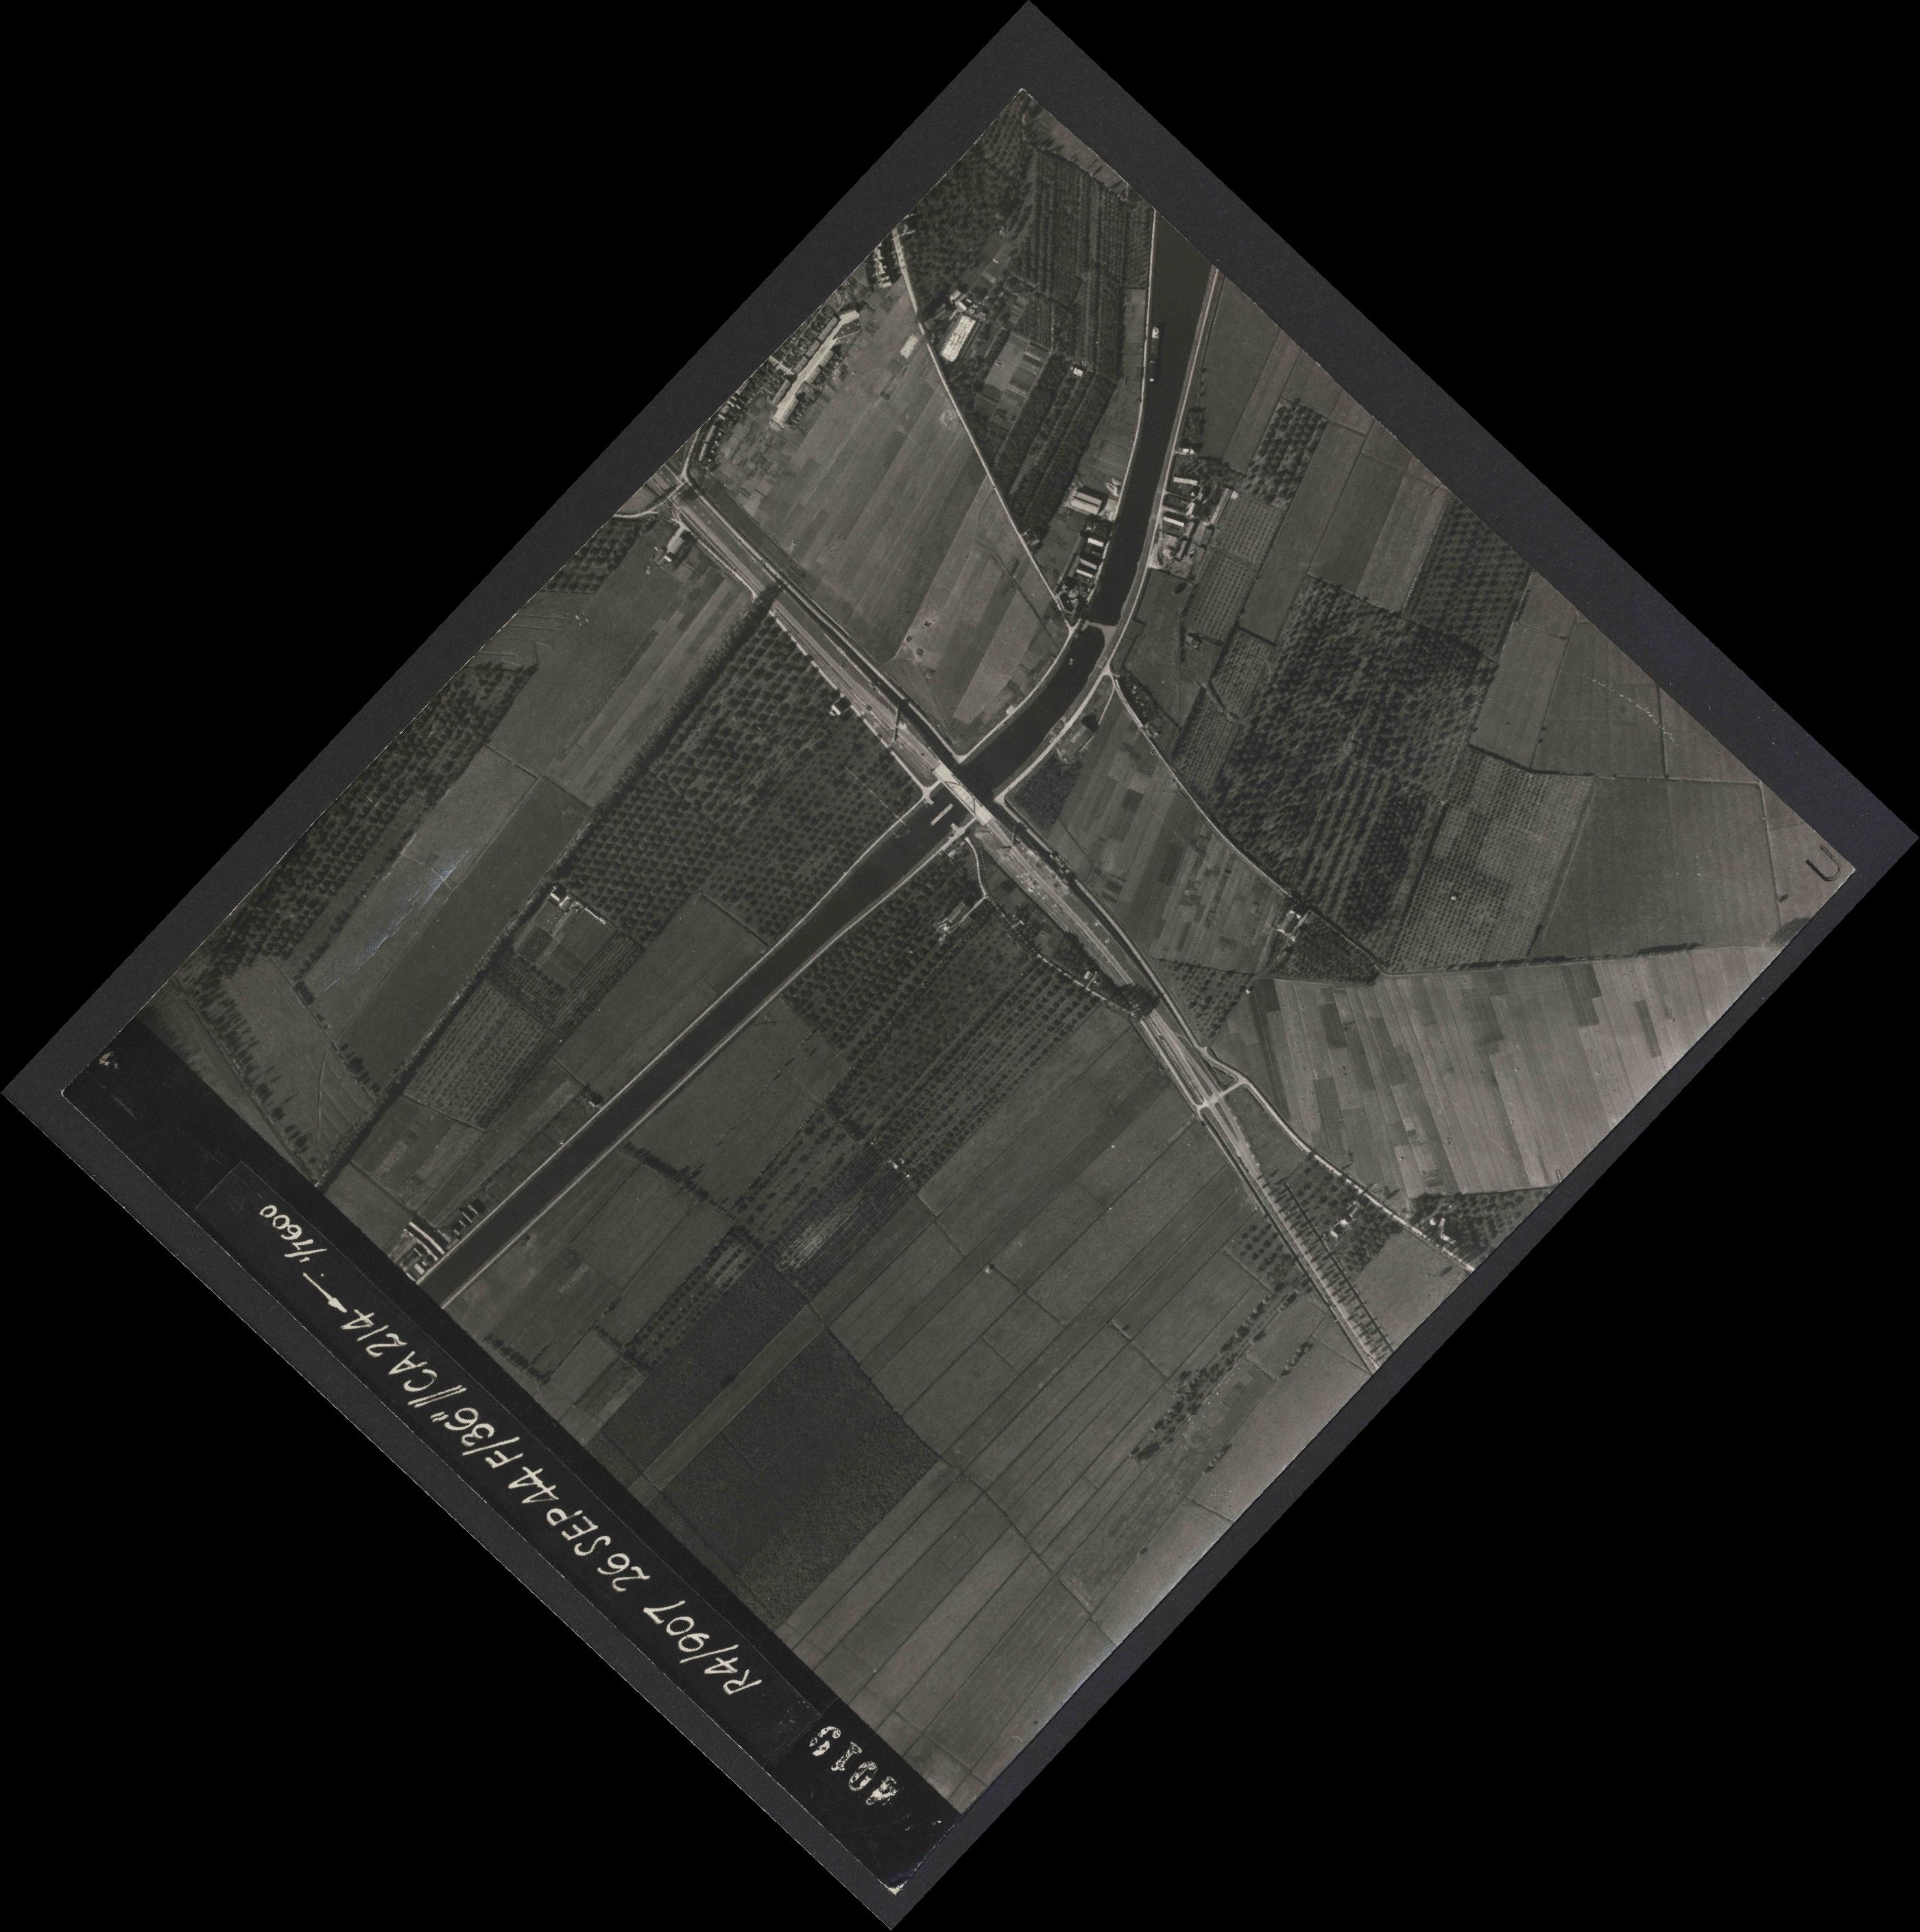 Collection RAF aerial photos 1940-1945 - flight 097, run 08, photo 4019